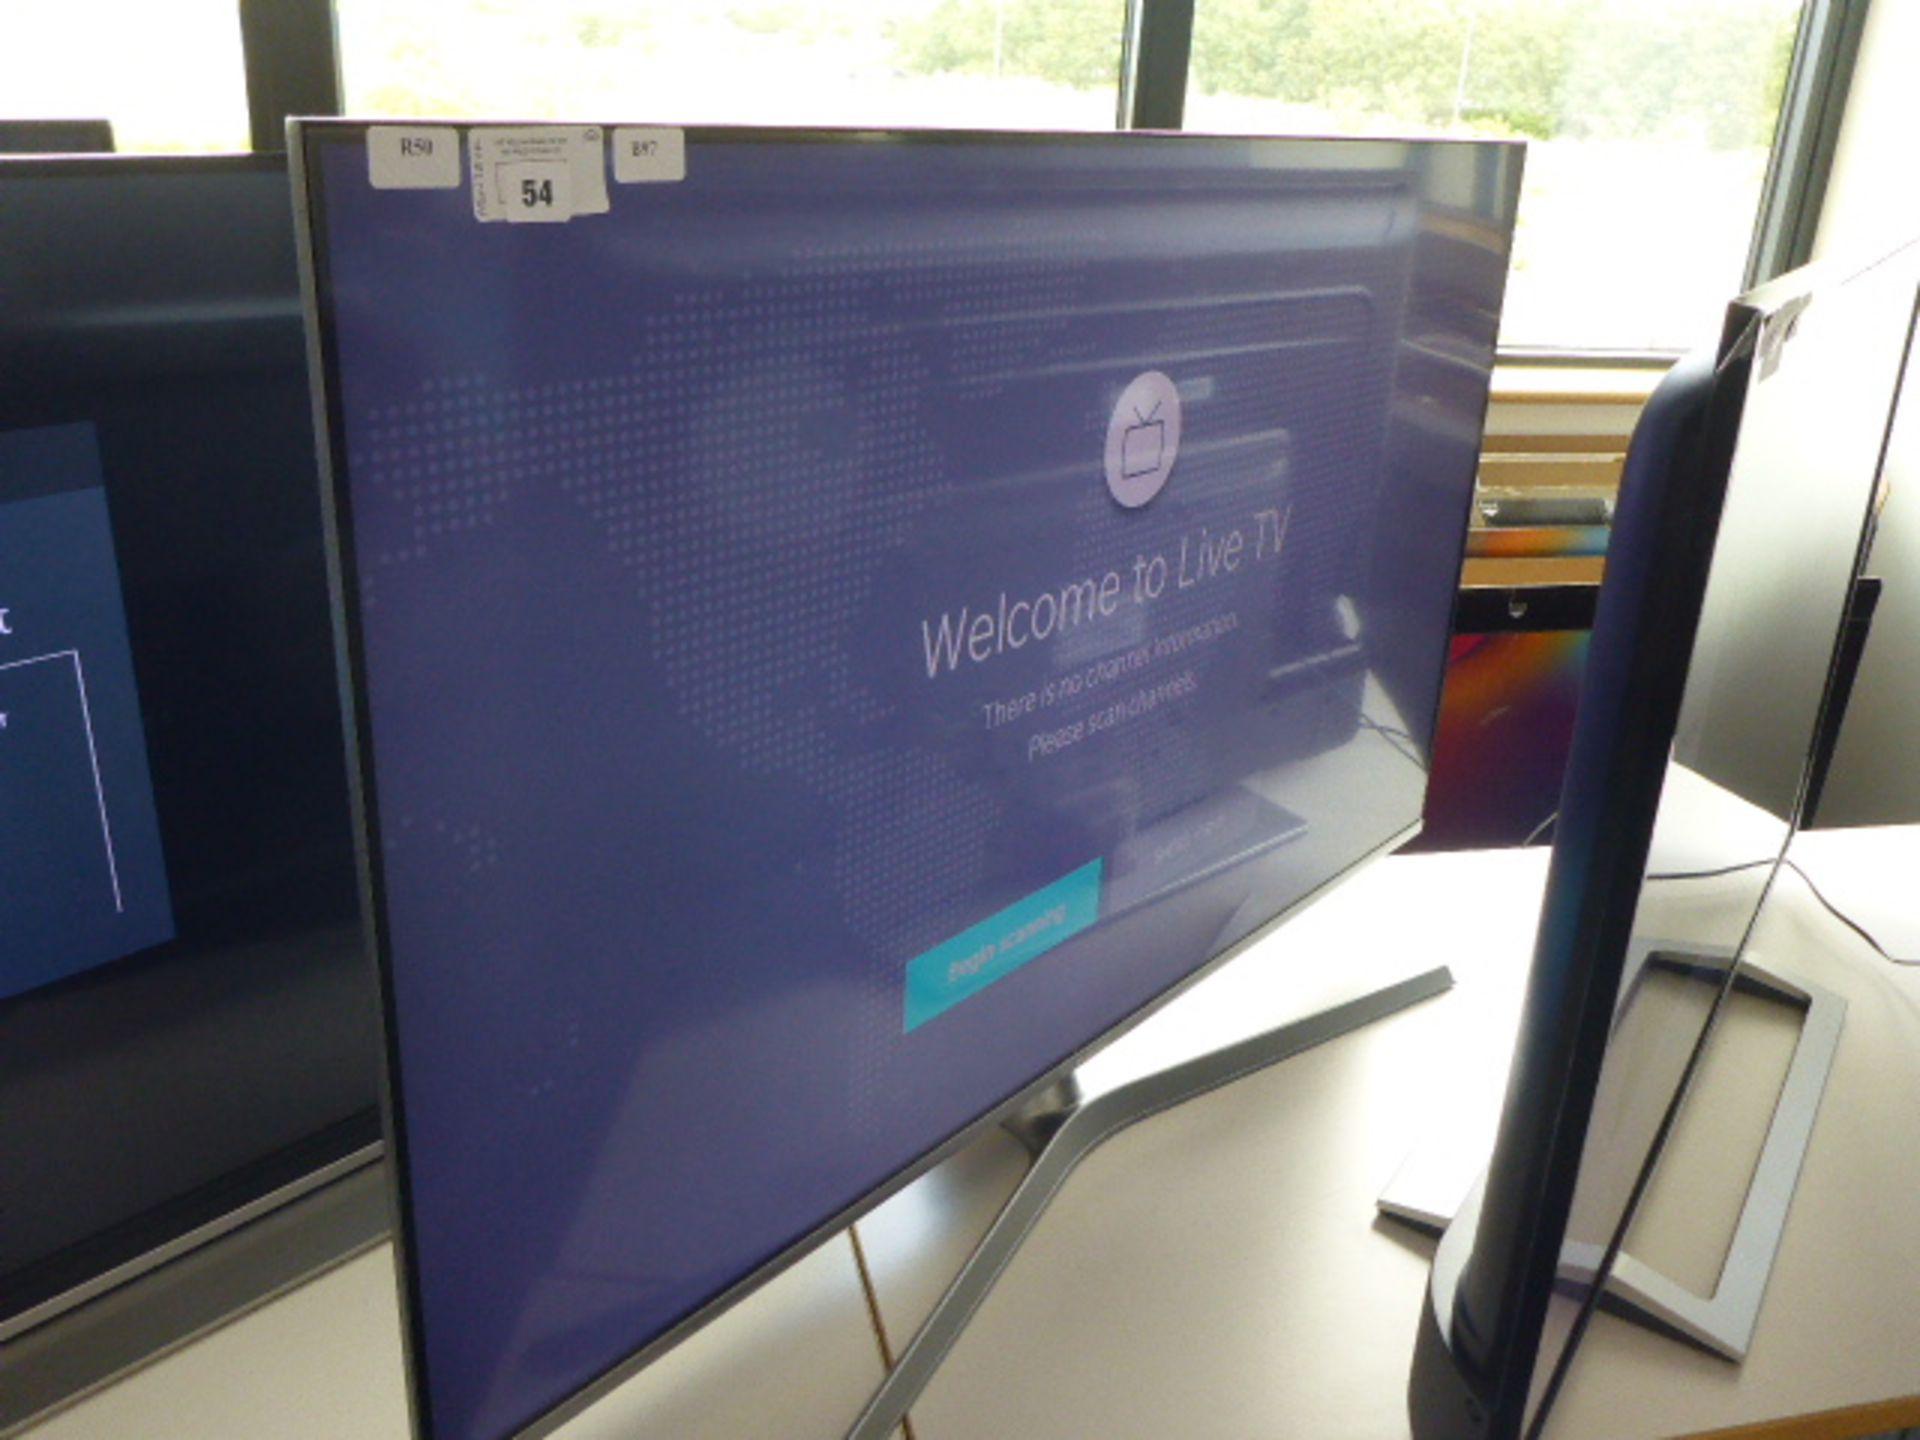 (R50) Hisense 50'' TV model number H50U7BUK with remote and box B97